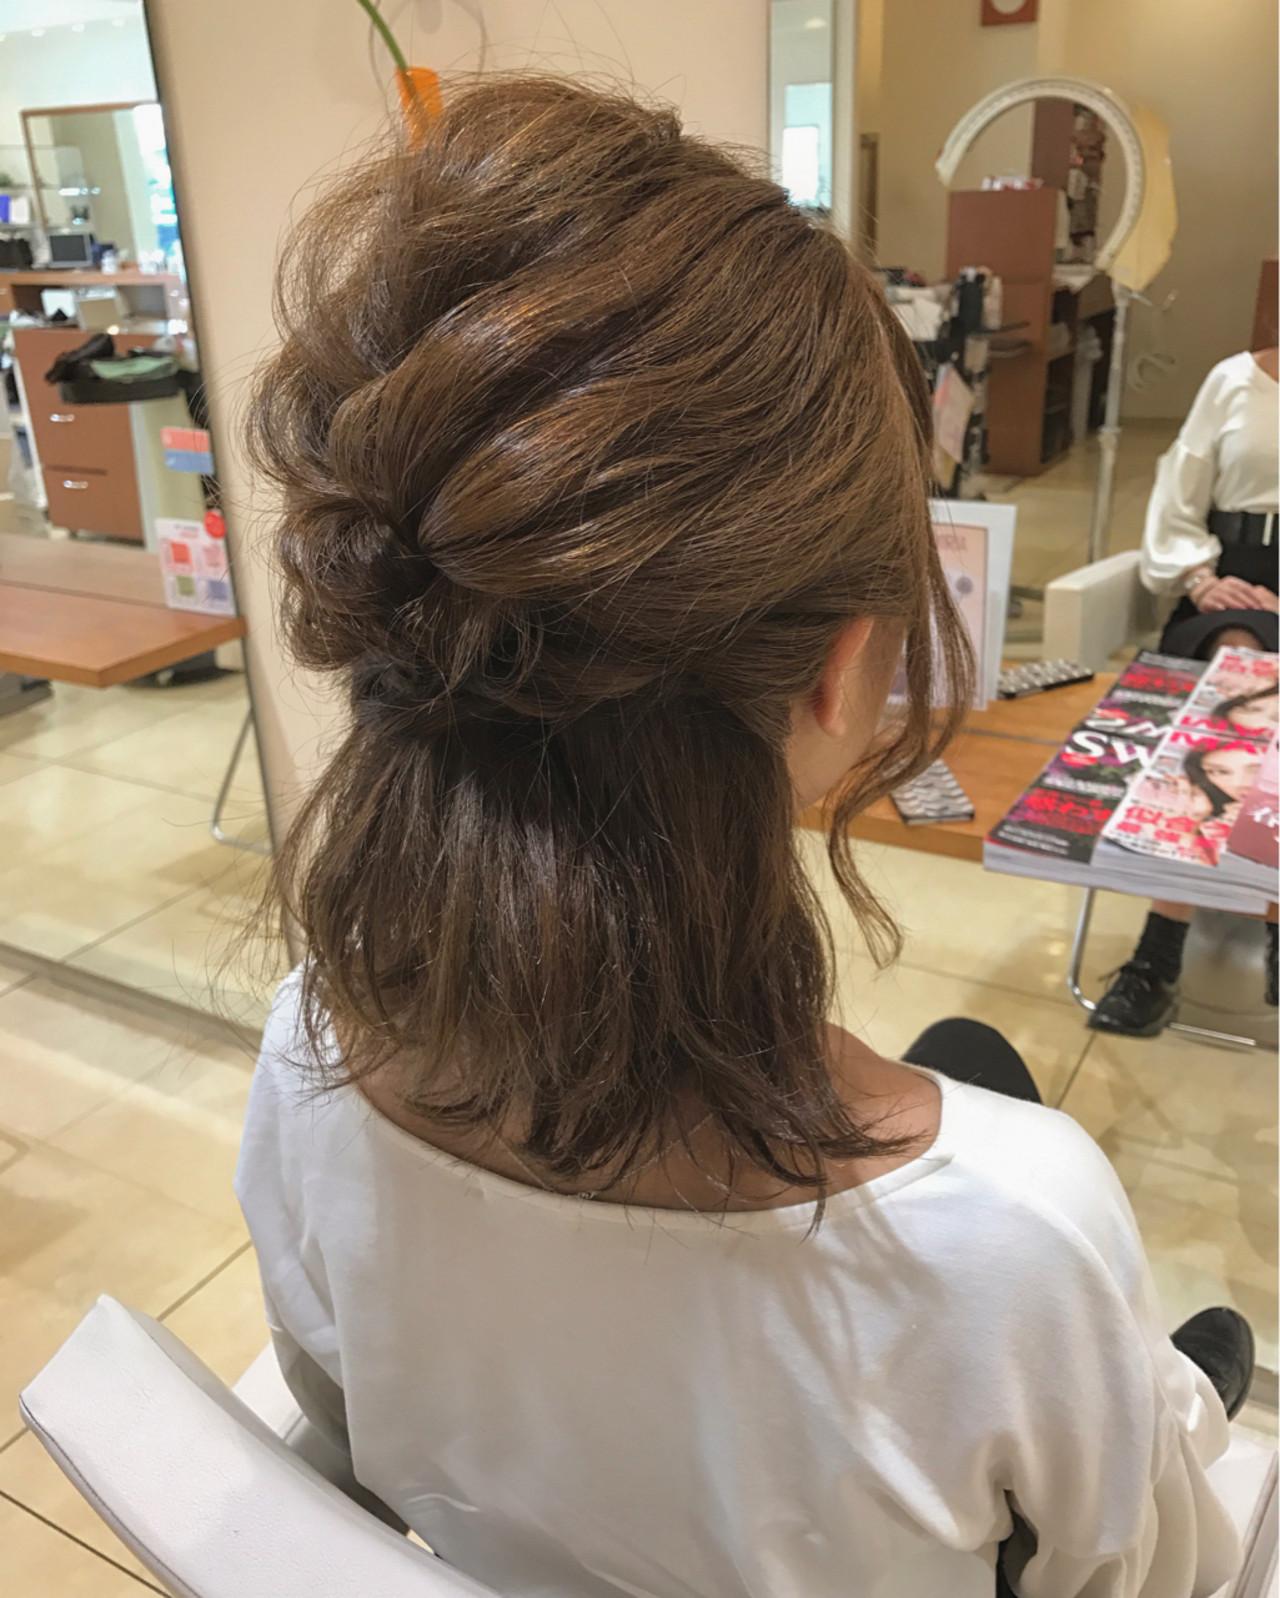 ミディアム ブライダル ショート 簡単ヘアアレンジ ヘアスタイルや髪型の写真・画像